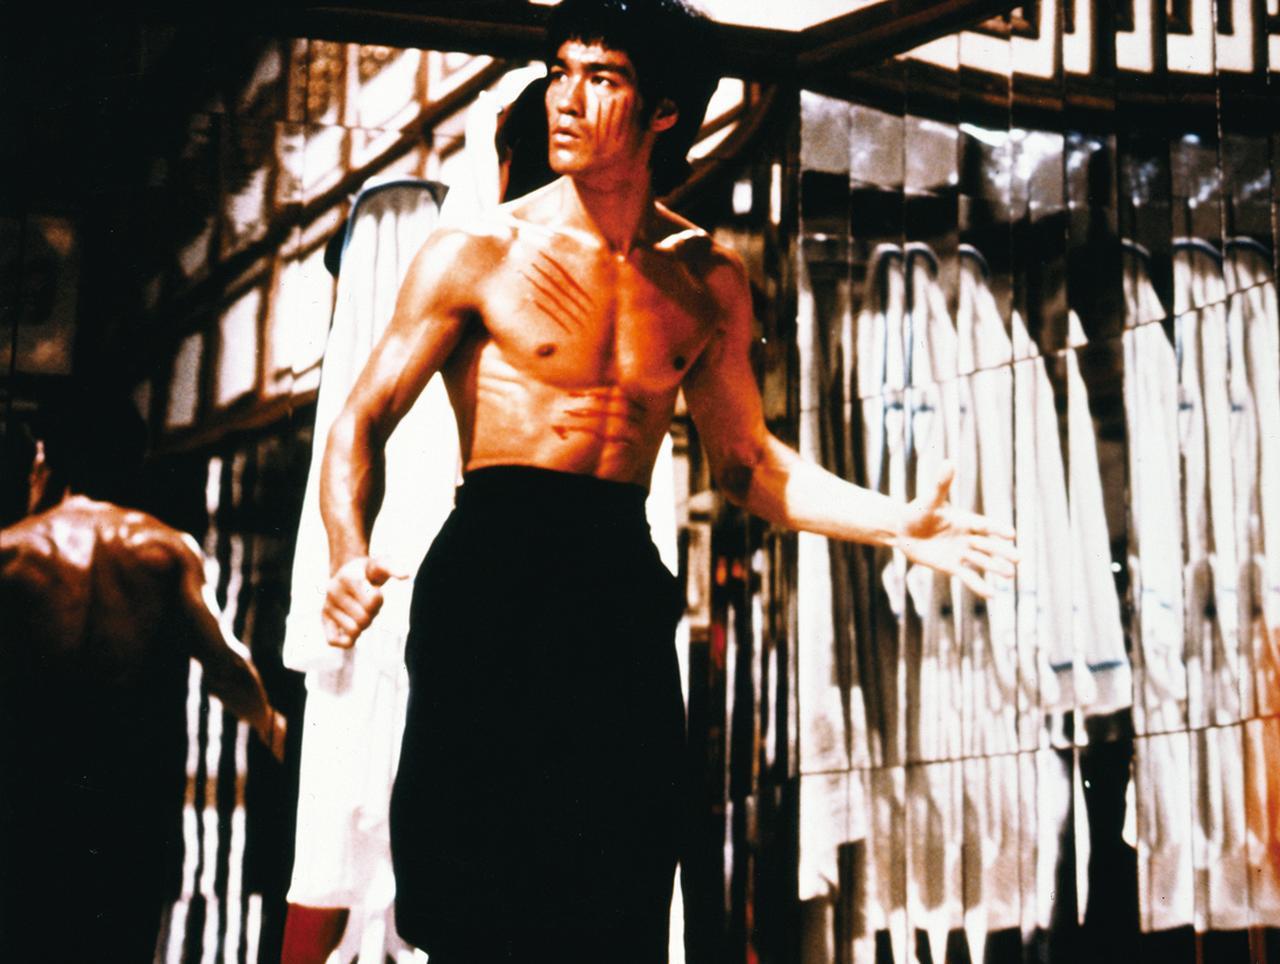 画像: 【カンフー/格闘技編】死ぬまでに一度は見たいアクション映画5選 - SCREEN ONLINE(スクリーンオンライン)